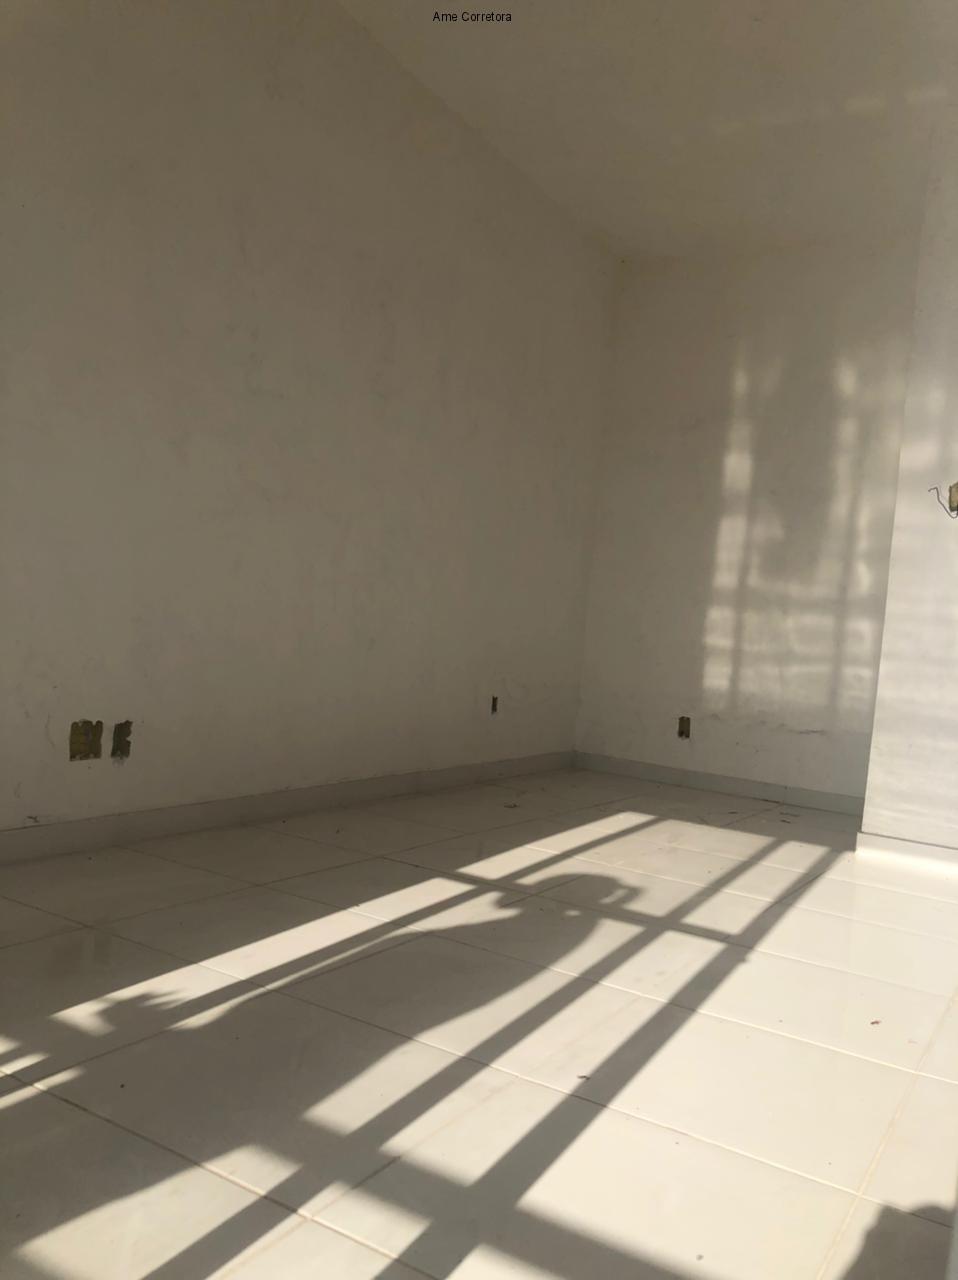 FOTO 03 - Casa 2 quartos à venda Rio de Janeiro,RJ - R$ 220.000 - CA0054 - 4